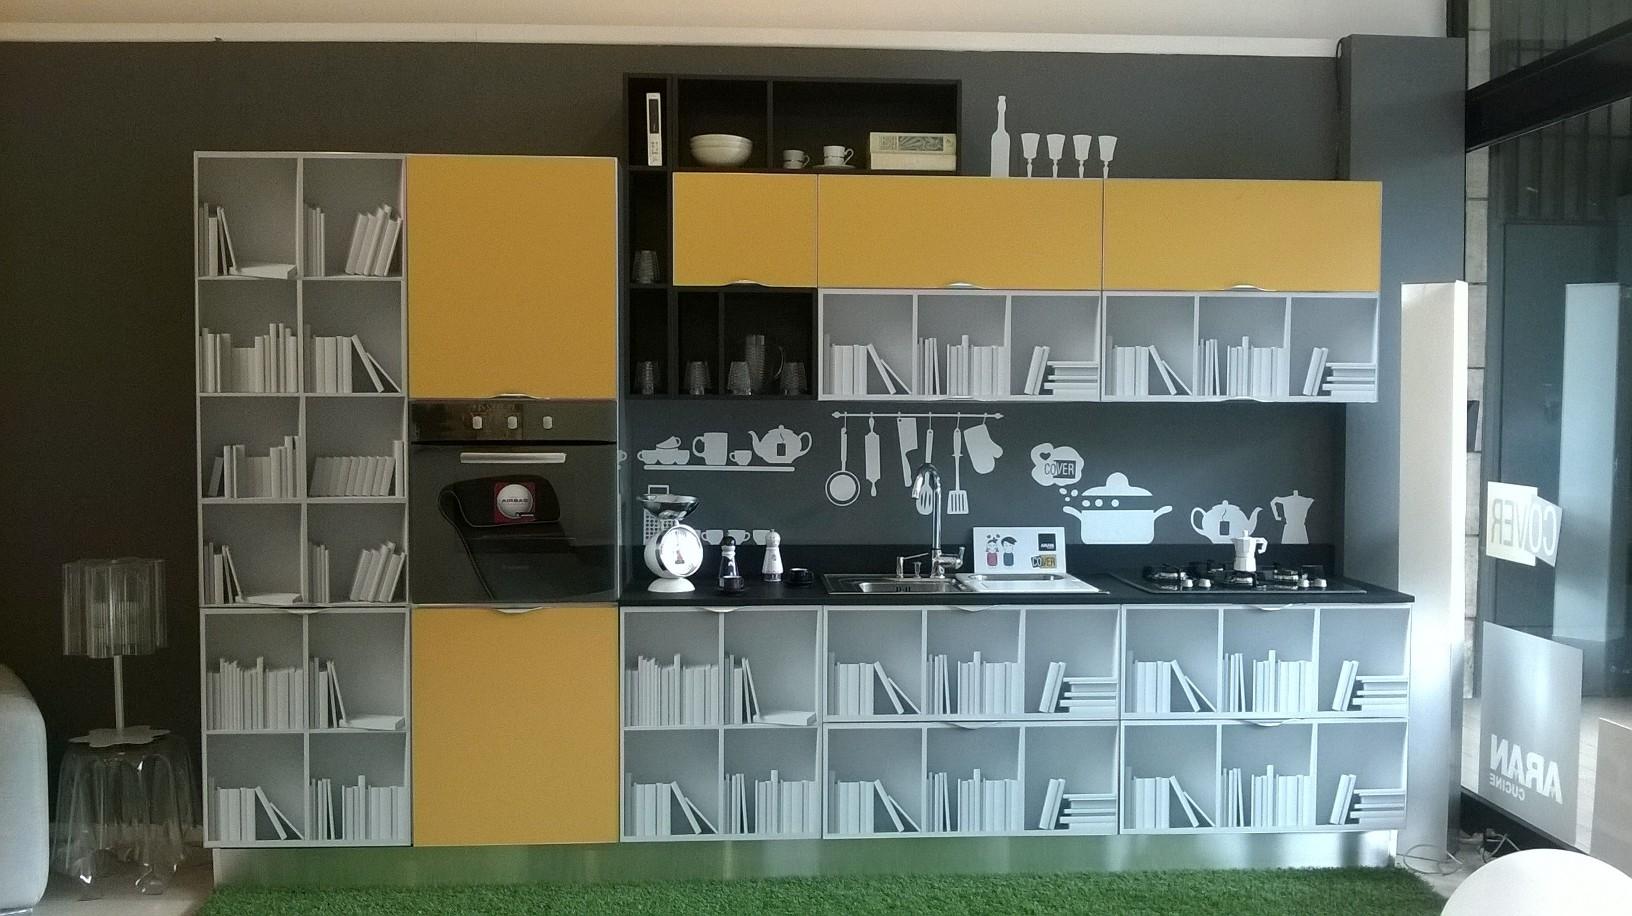 Casa di campagna pavimenti magnetici prezzi - Aran cucine opinioni ...